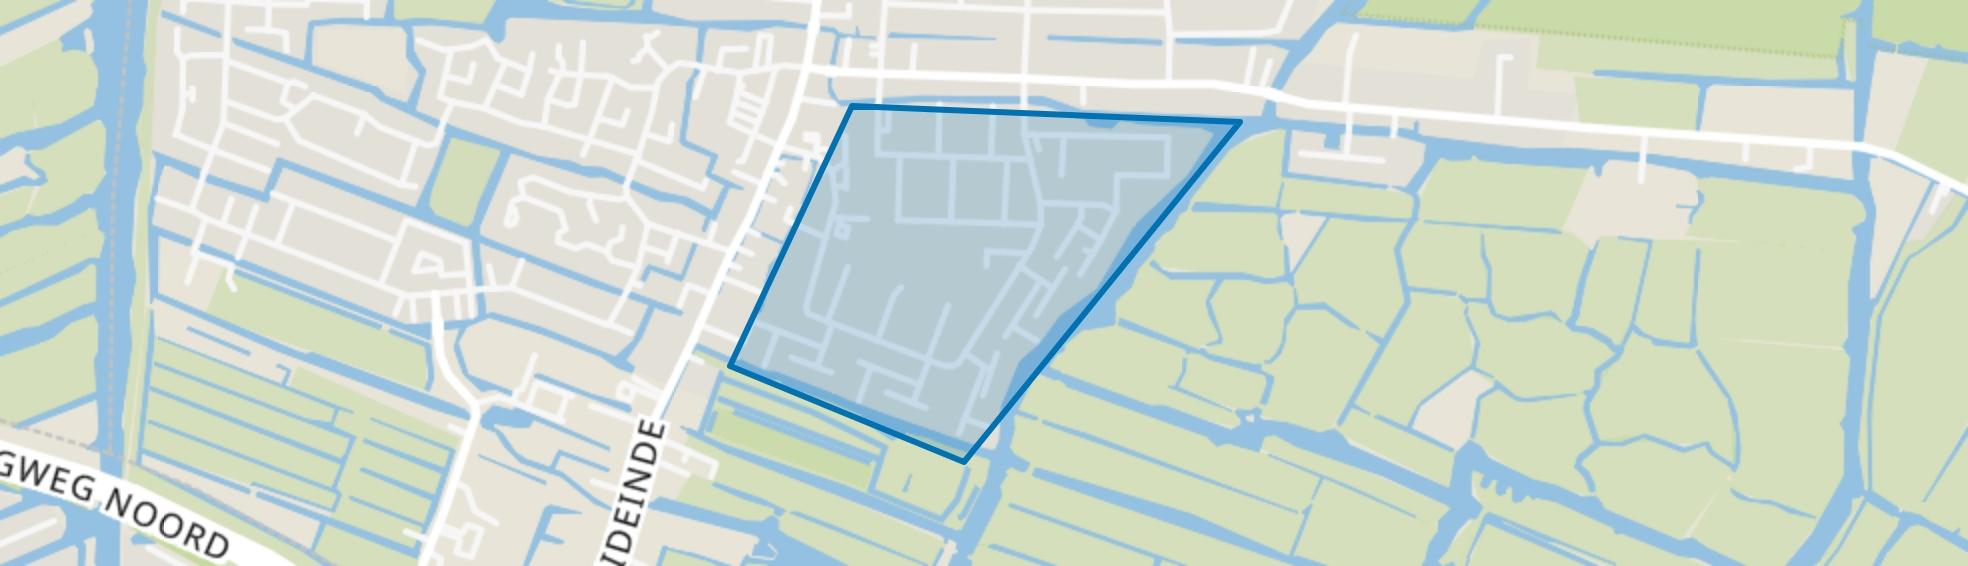 Plan Centrum-Zuid, Landsmeer map